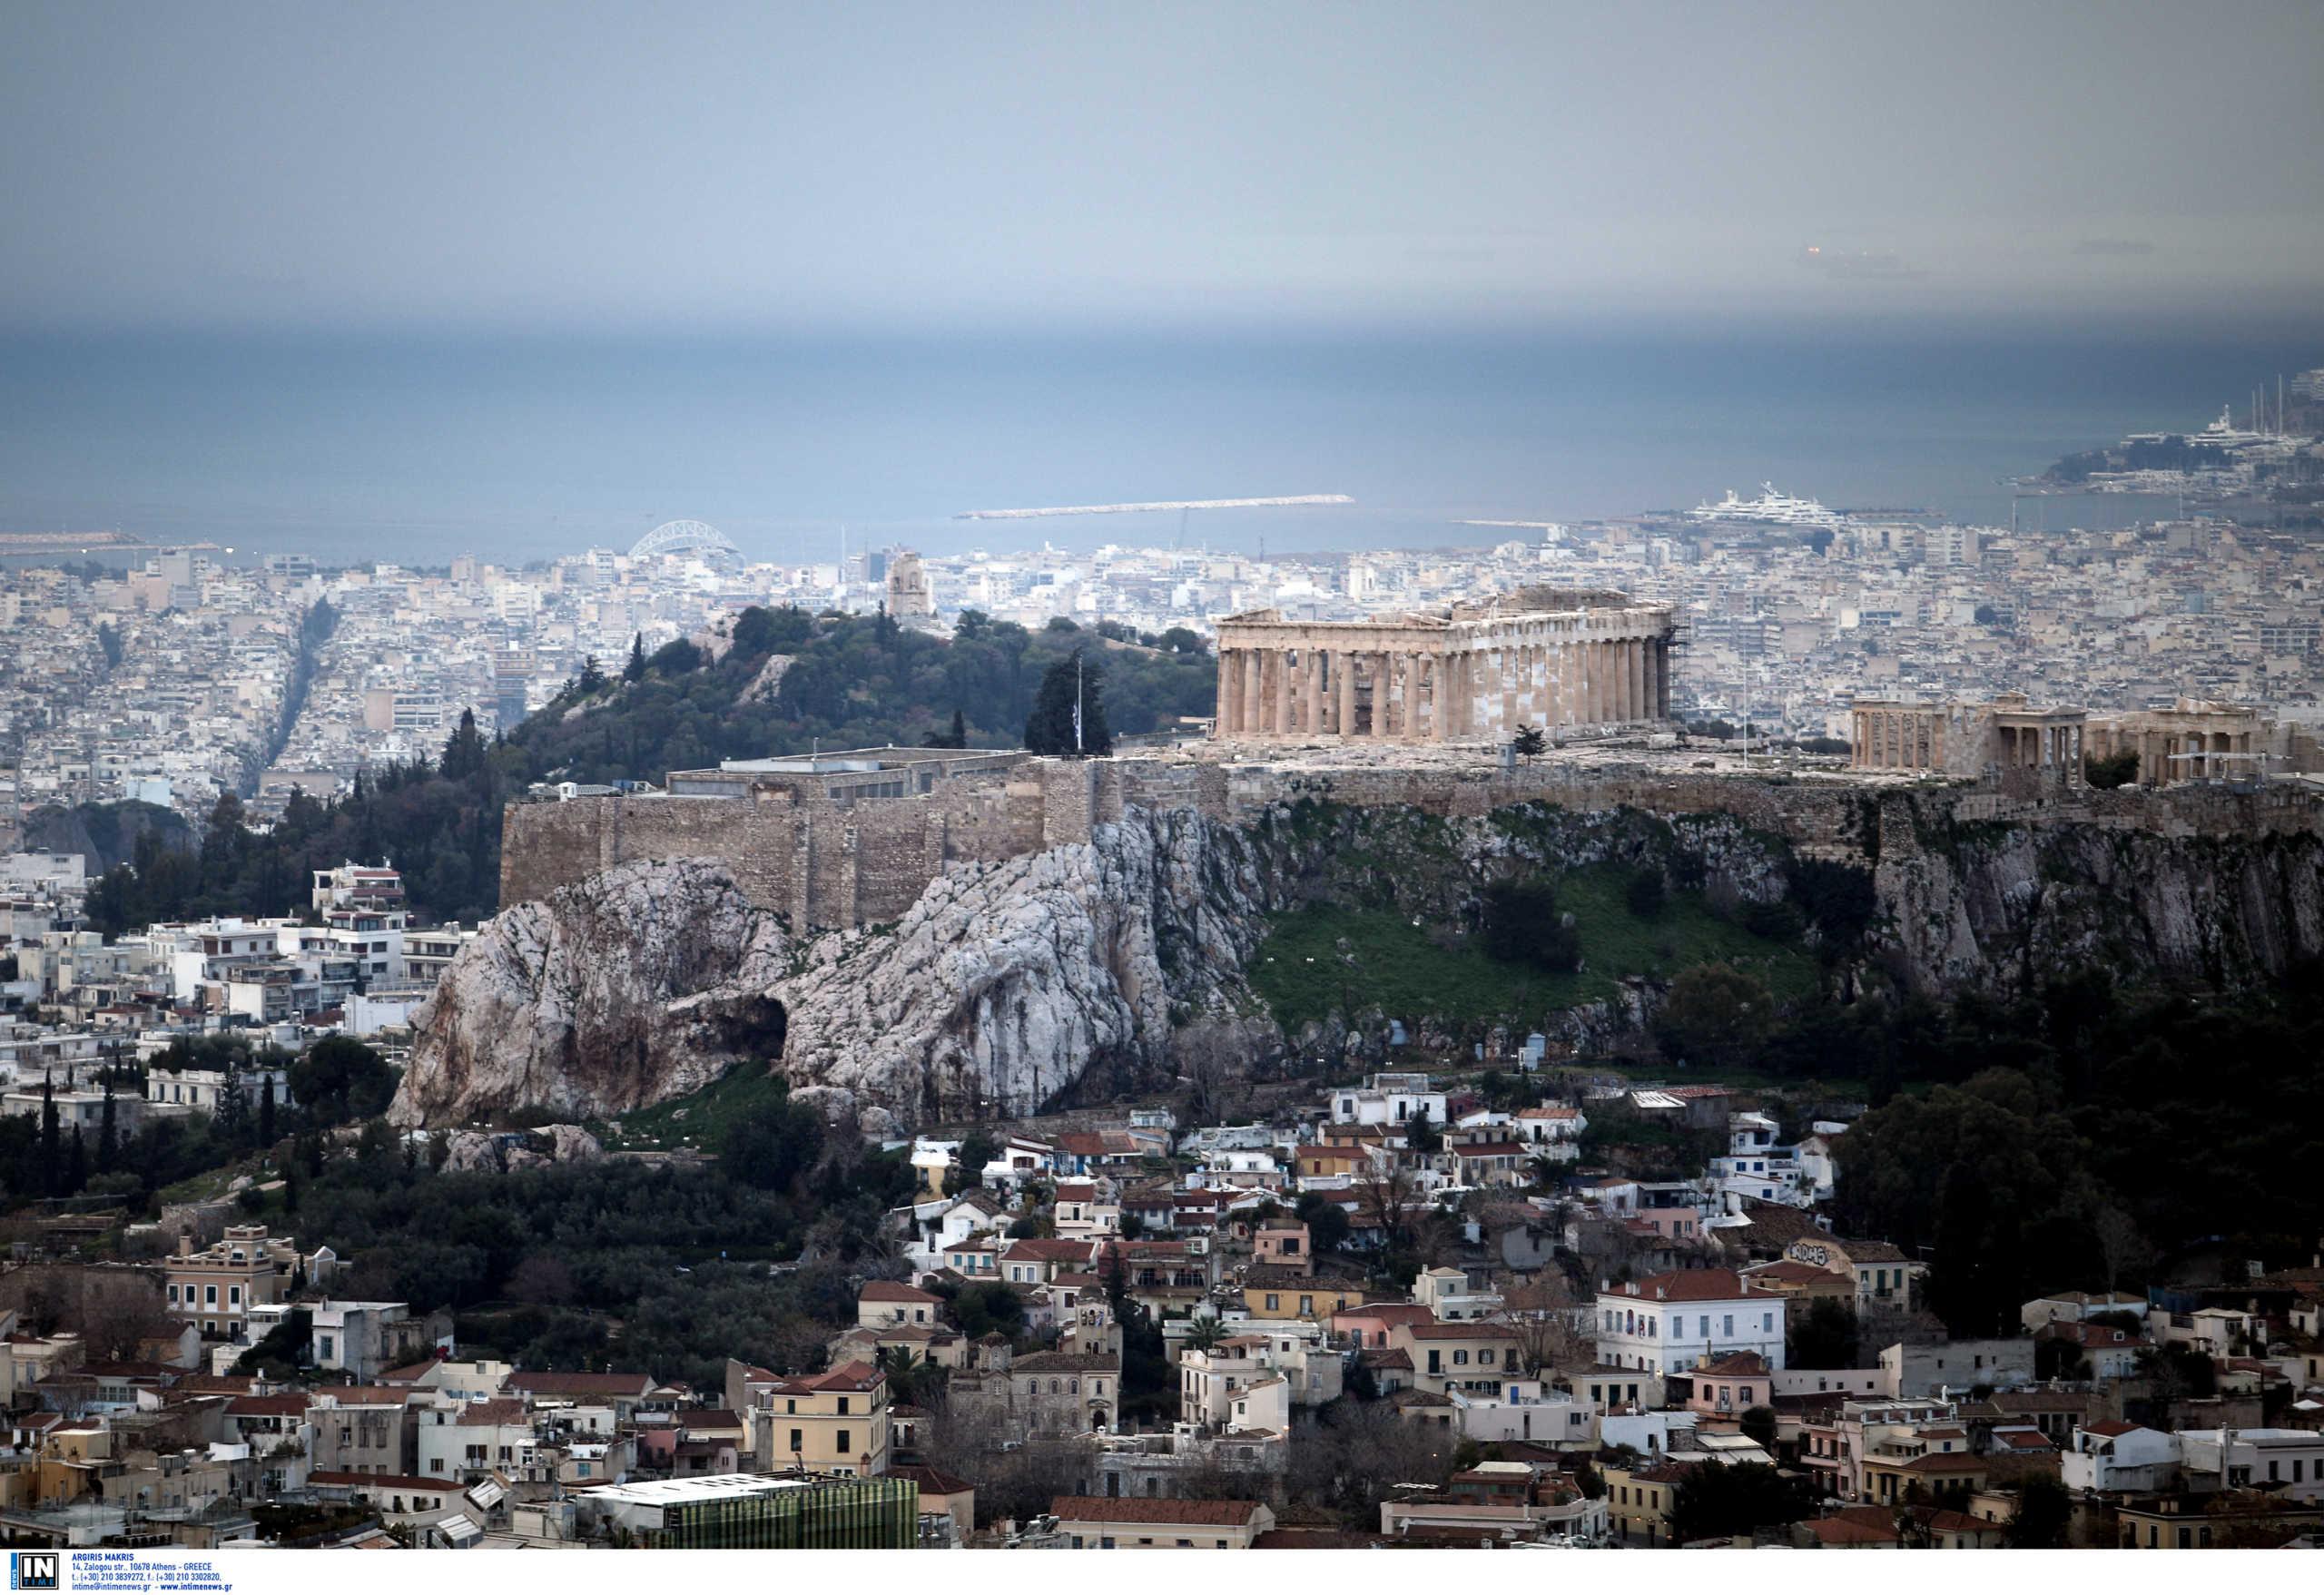 Υπουργείο Πολιτισμού: Η αλήθεια για τα νερά στην Ακρόπολη